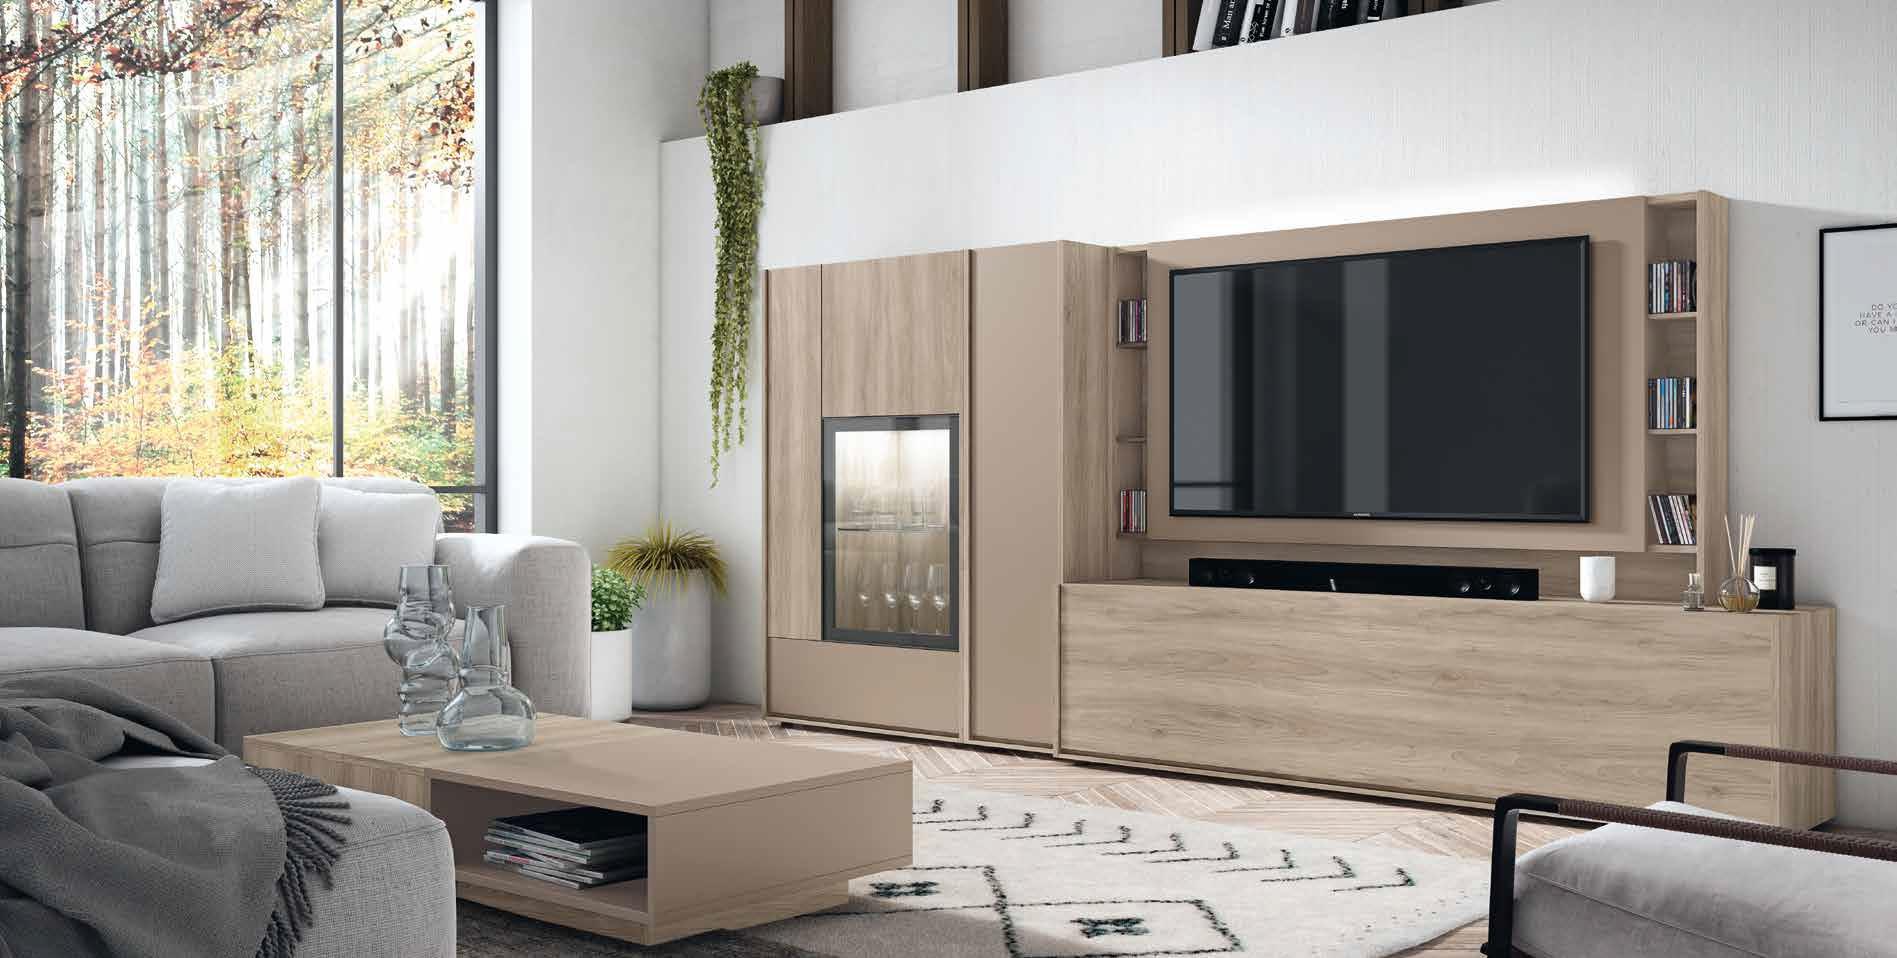 salon-moderno-Nativ-2019-muebles-paco-caballero-0920-5c8ceab4e8b1f